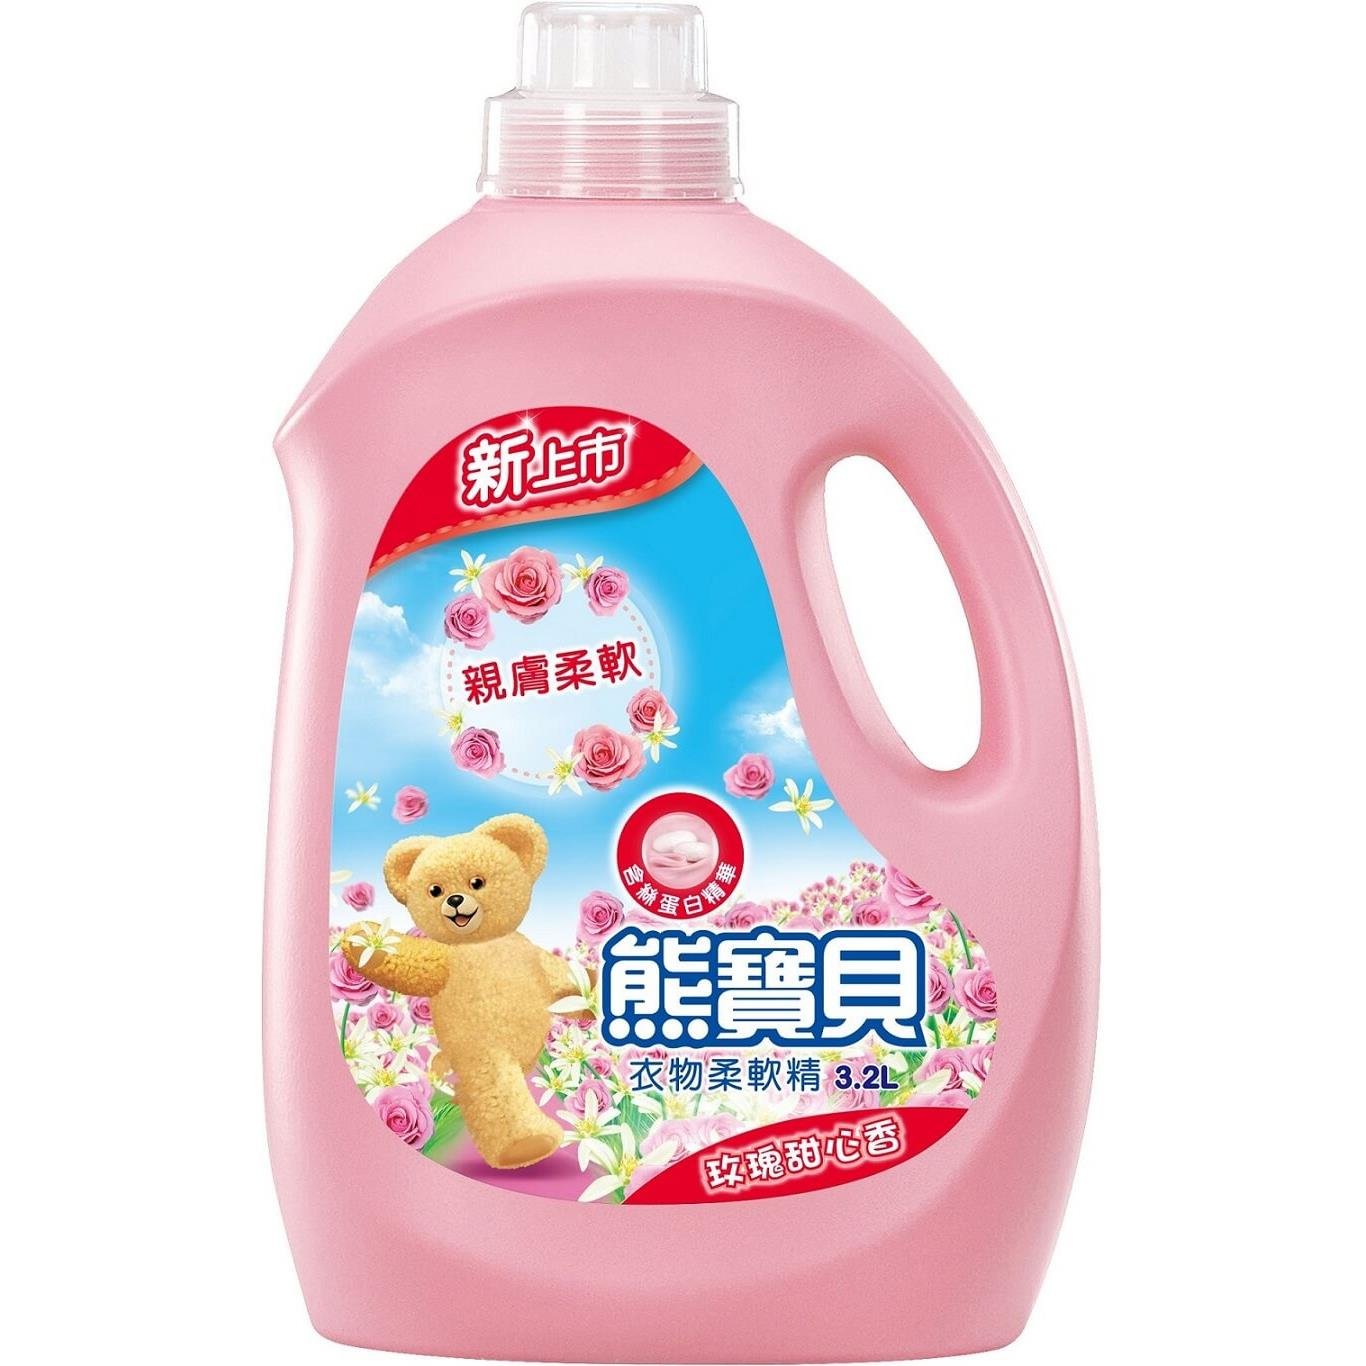 熊寶貝衣物柔軟精玫瑰甜心香3.2L